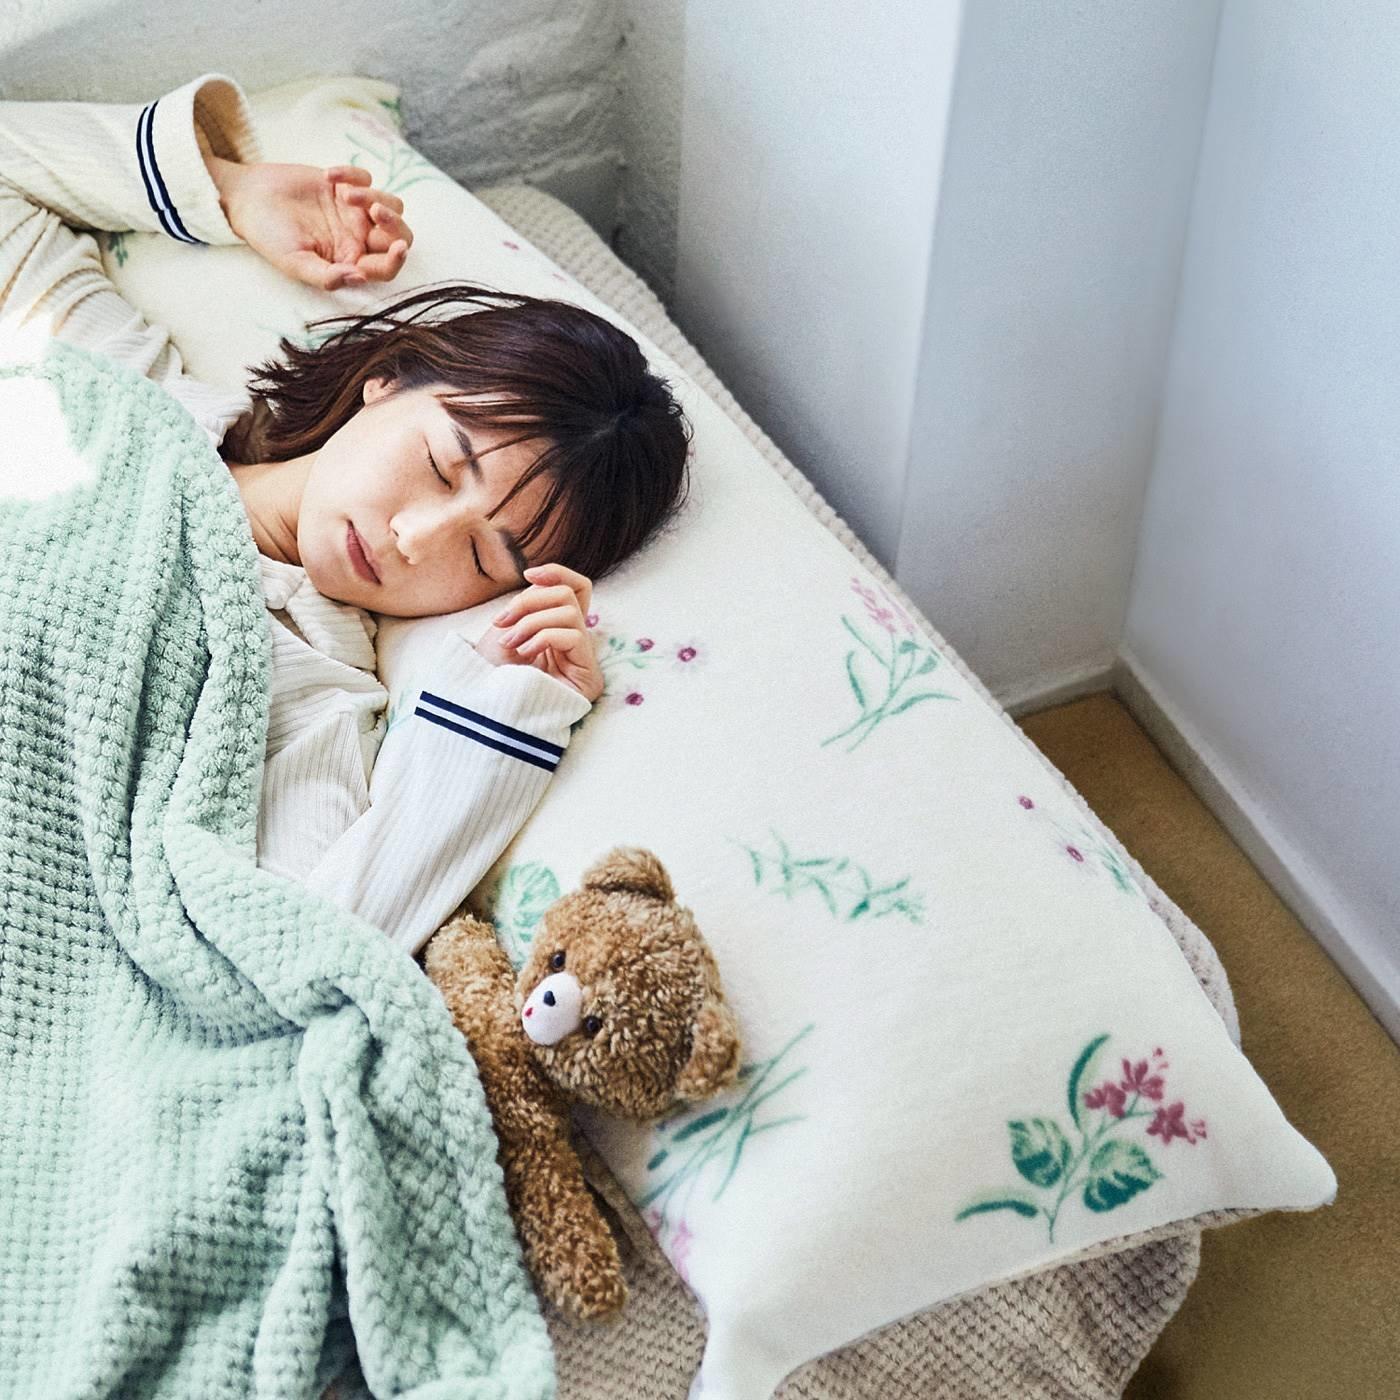 リラックスハーブに包まれて眠る 思わず眠りに落ちちゃう いつもの枕でロング枕になるカバーの会